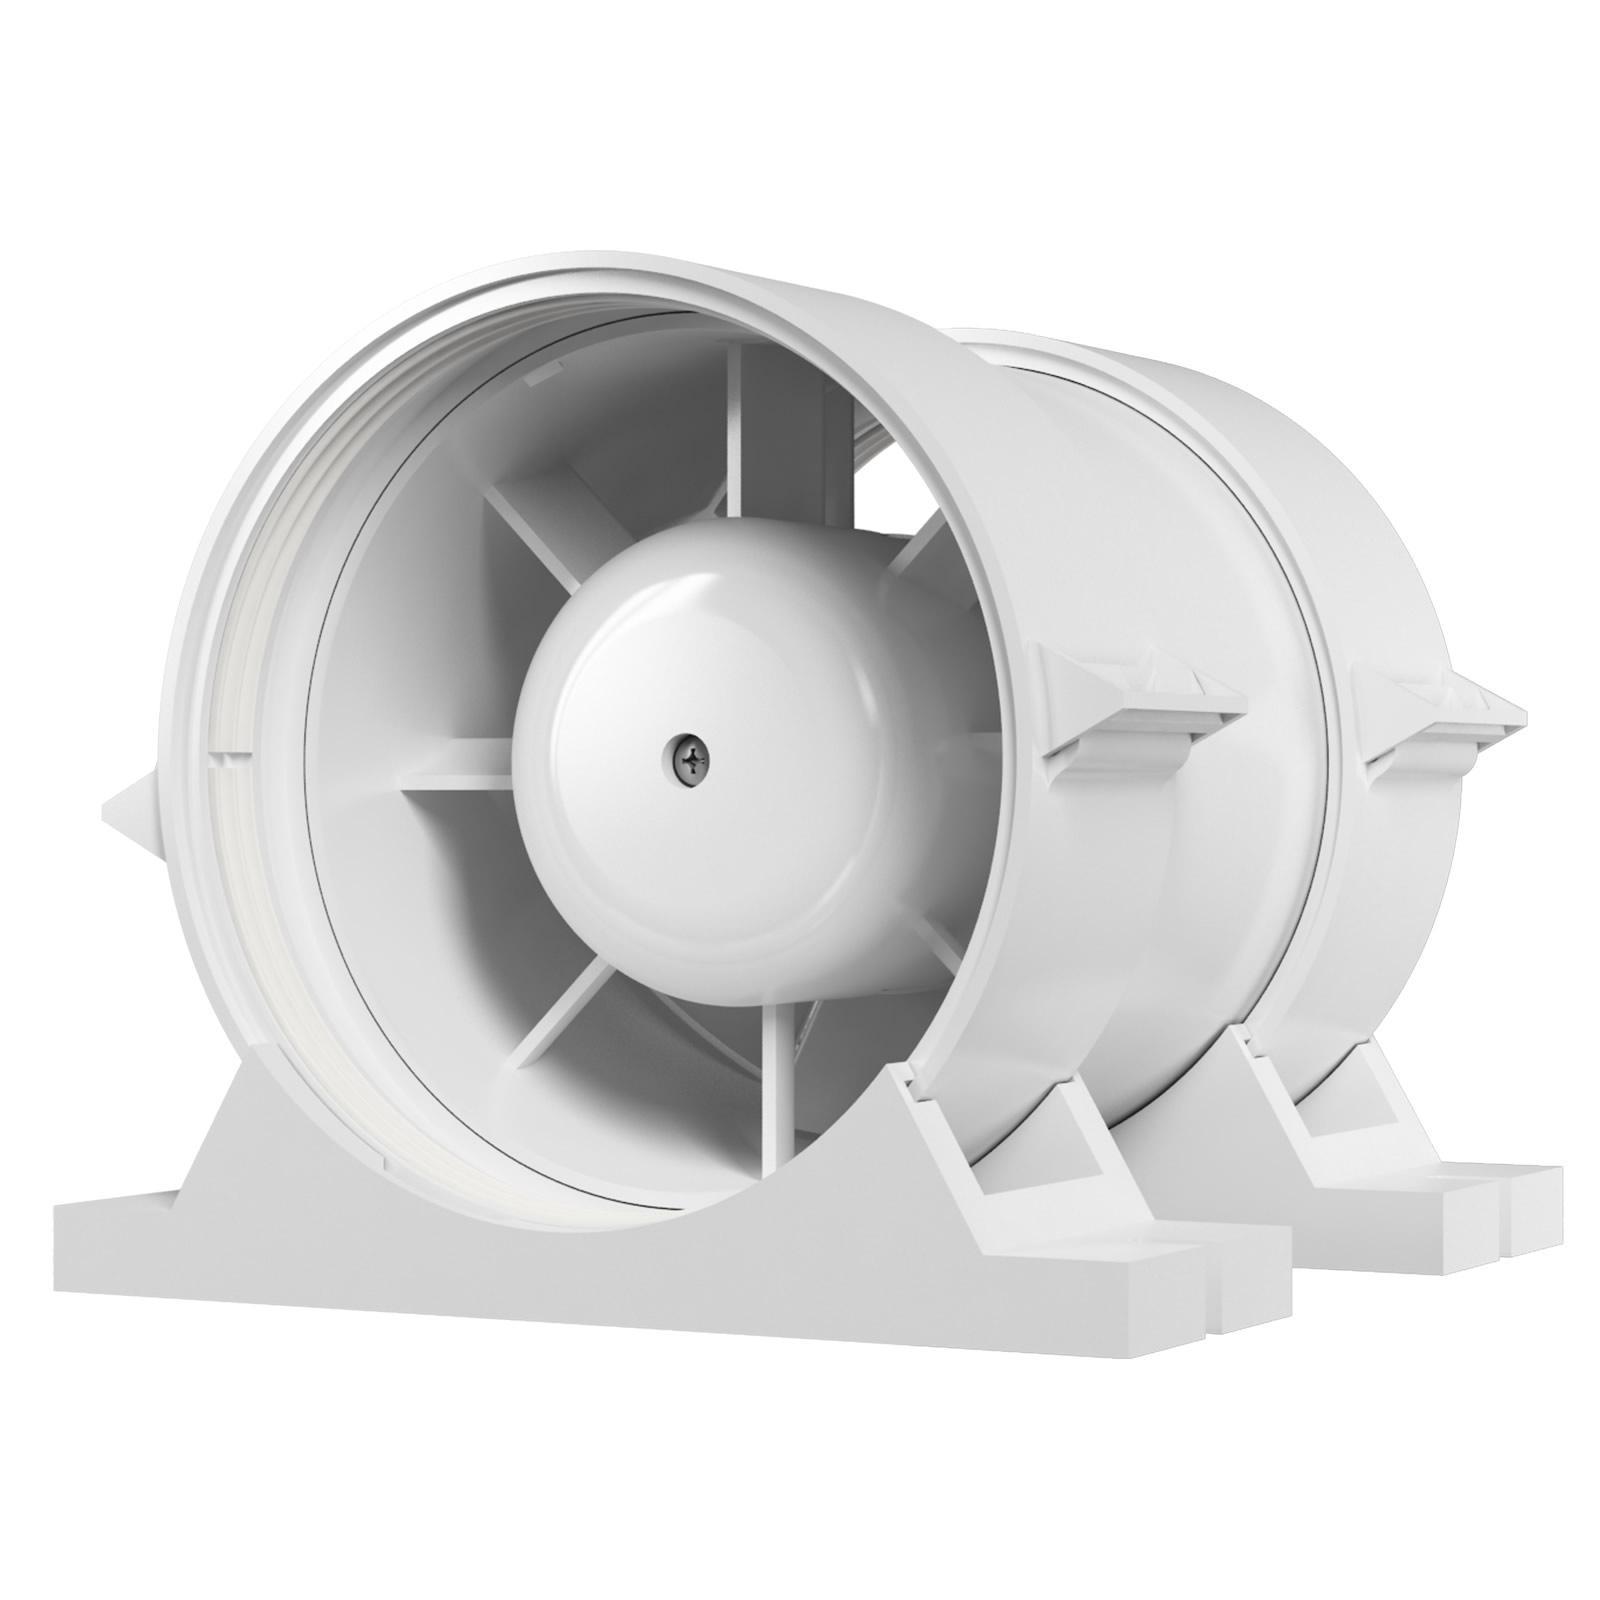 Осевой канальный вентилятор Diciti Pro 5